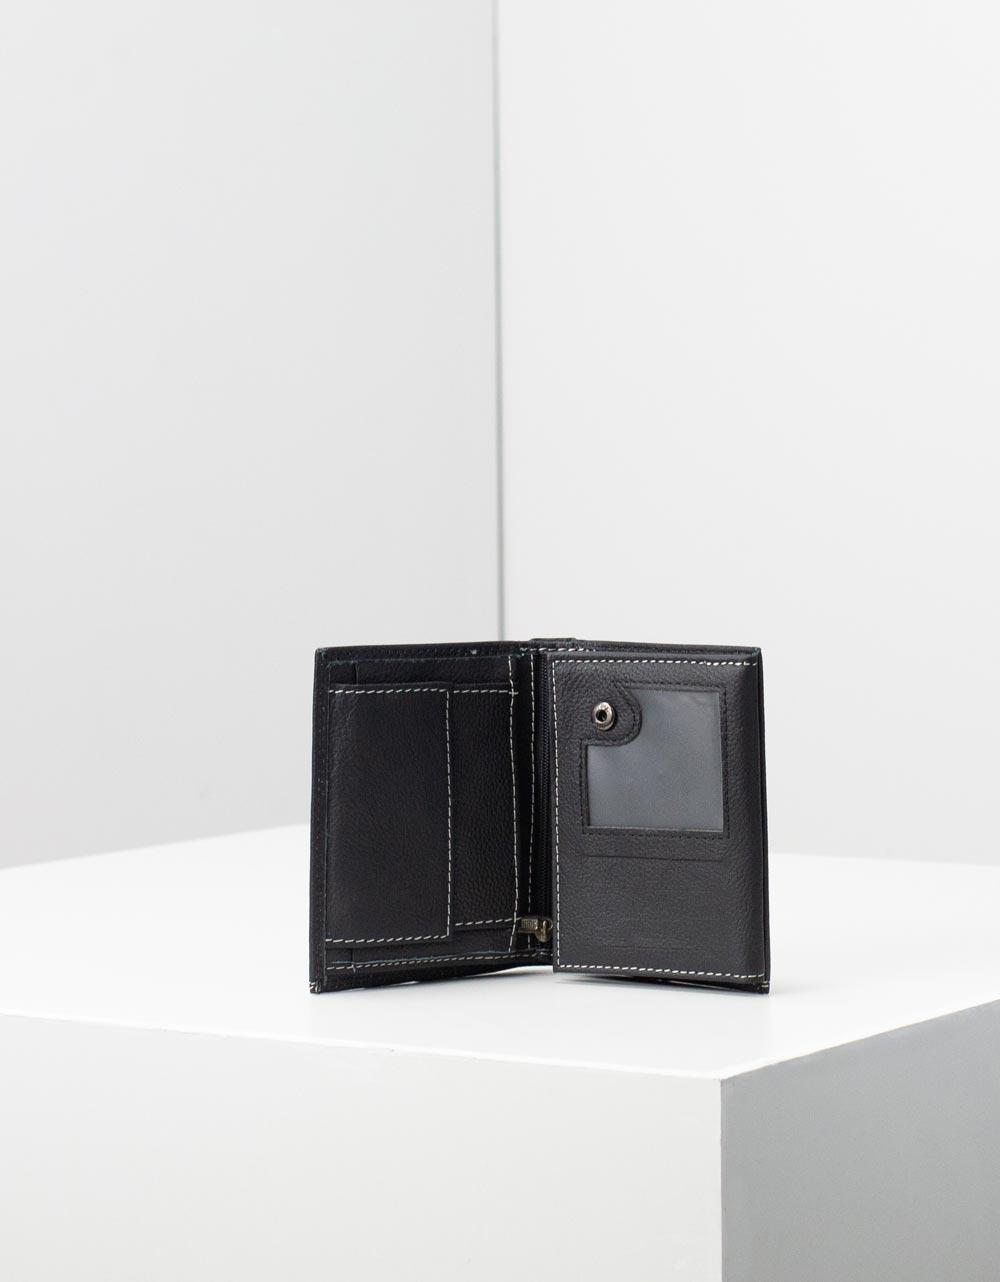 Εικόνα από Ανδρικά δερμάτινα πορτοφόλια με διακοσμητικές ραφές Μαύρο